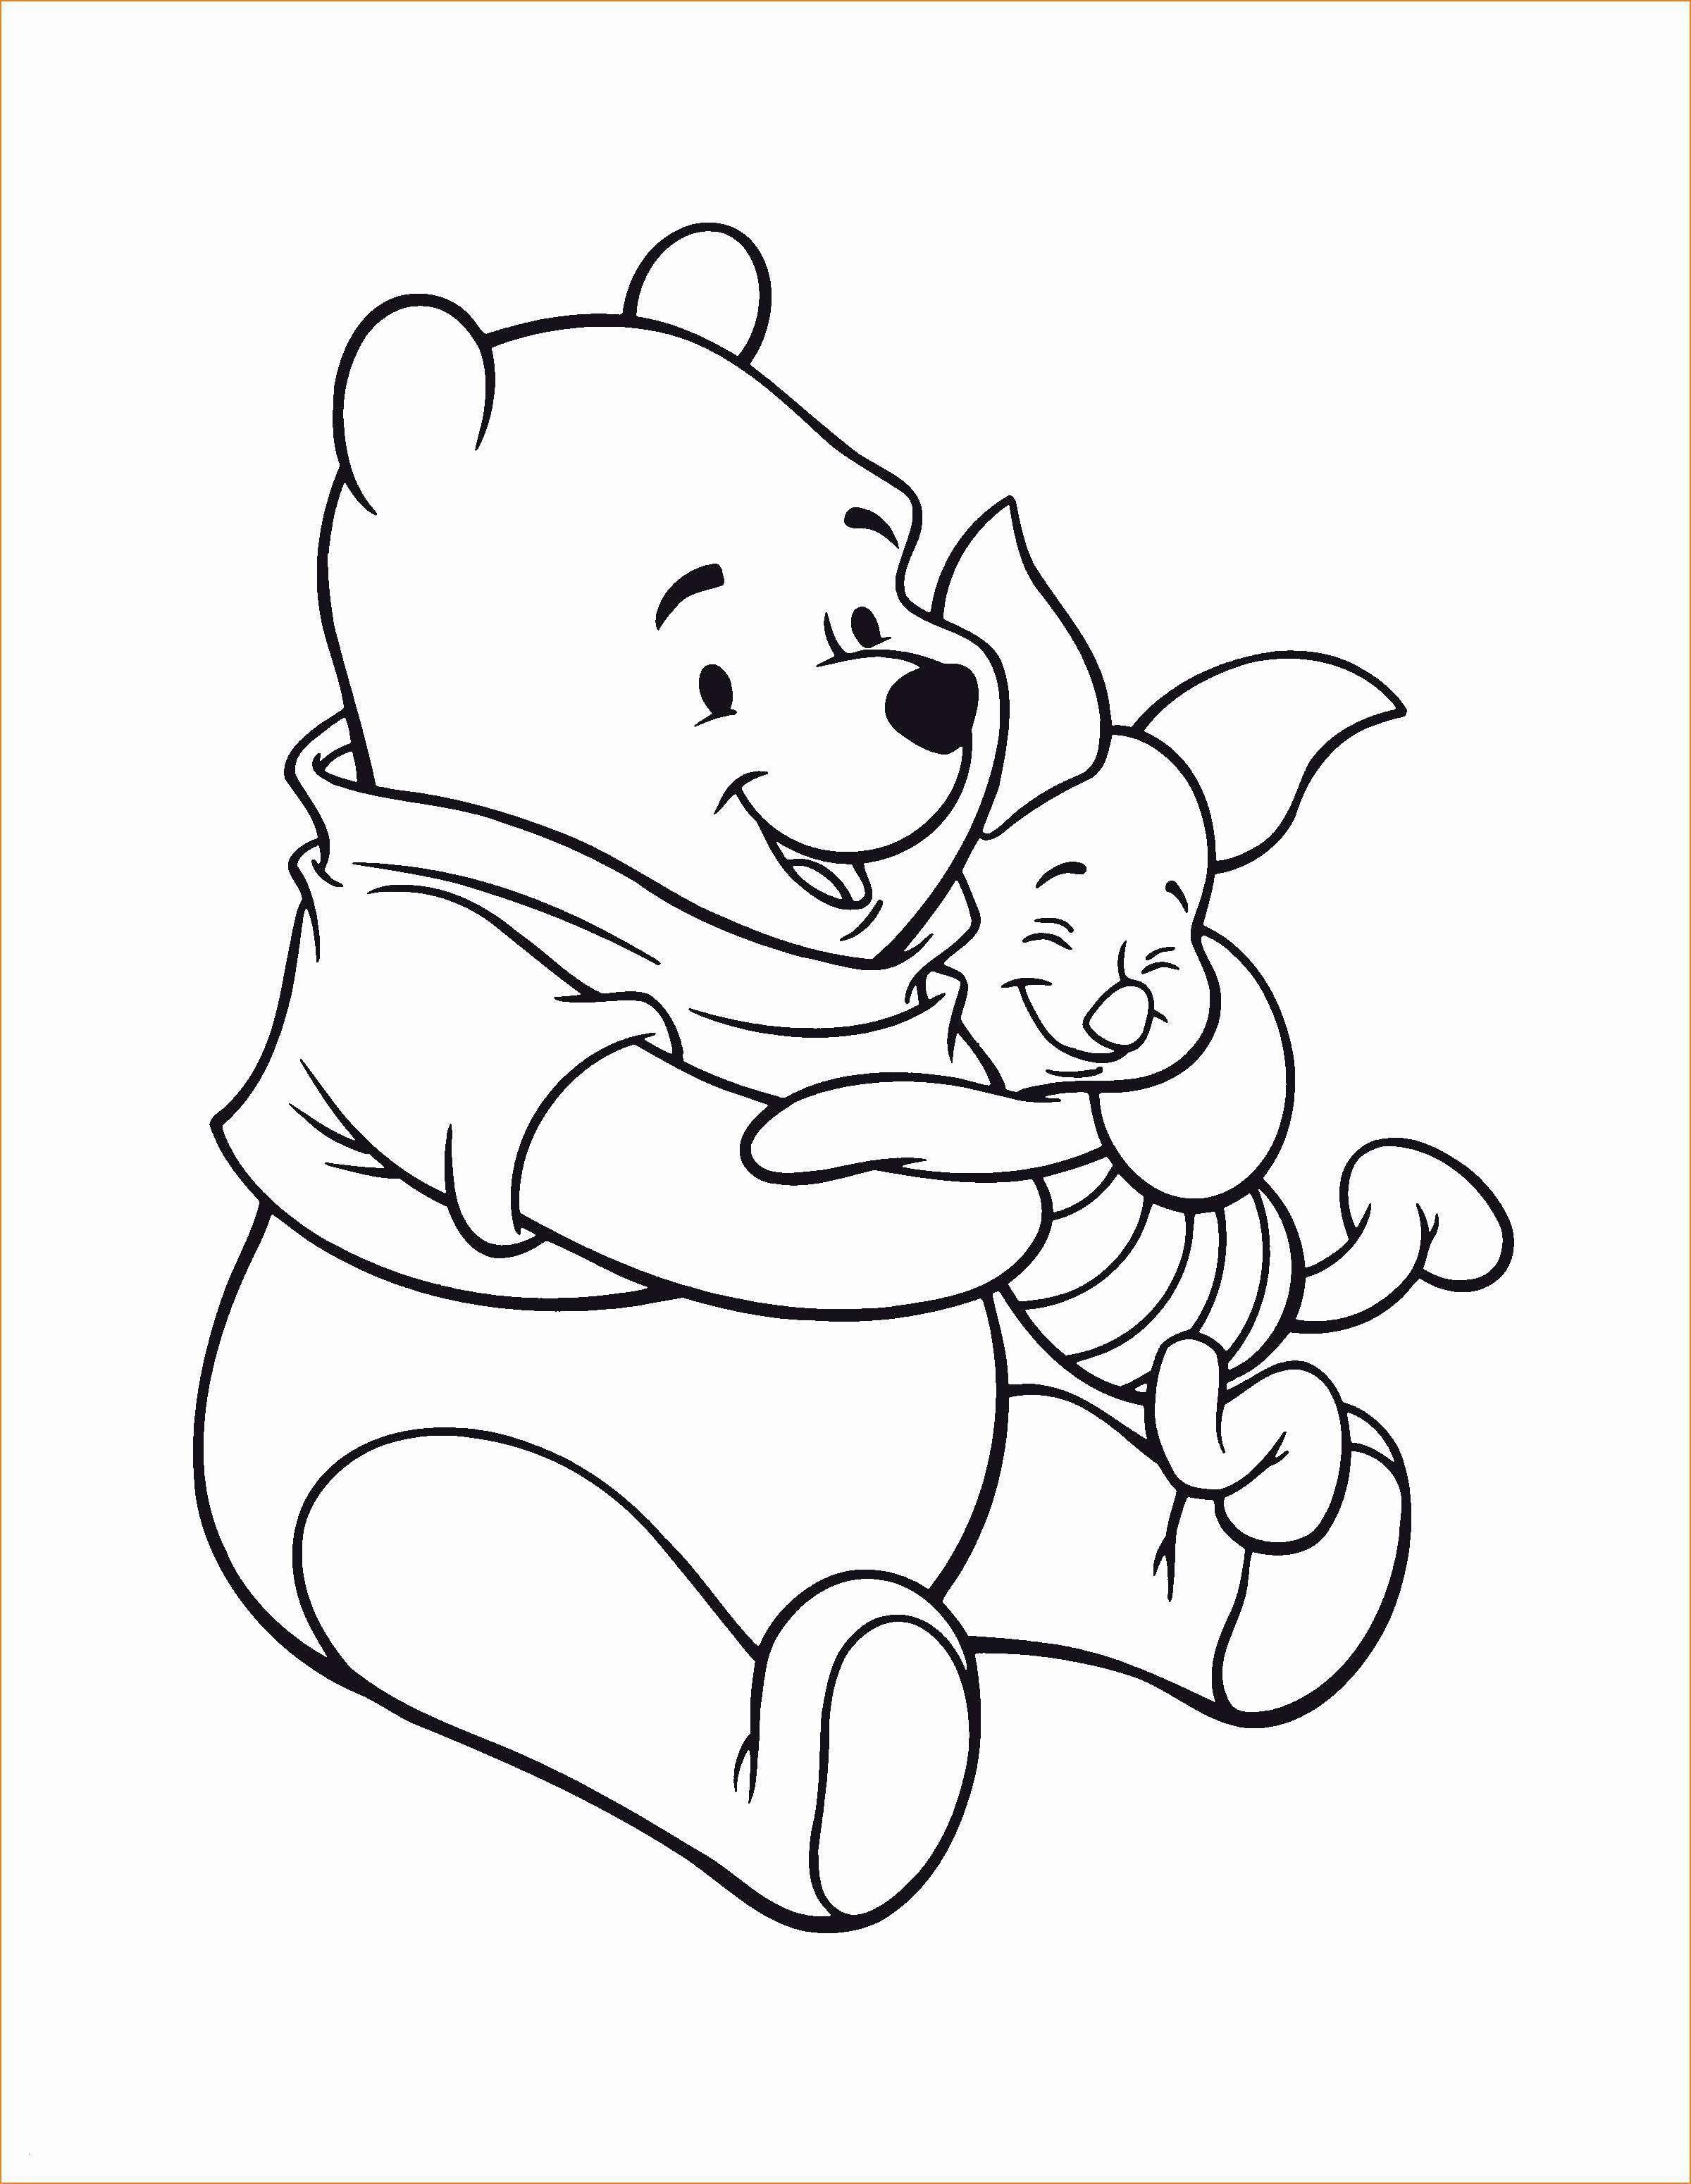 Malvorlagen Winnie Pooh Inspirierend 37 Ausmalbilder Winnie Puuh Scoredatscore Best Winnie Puuh Bild